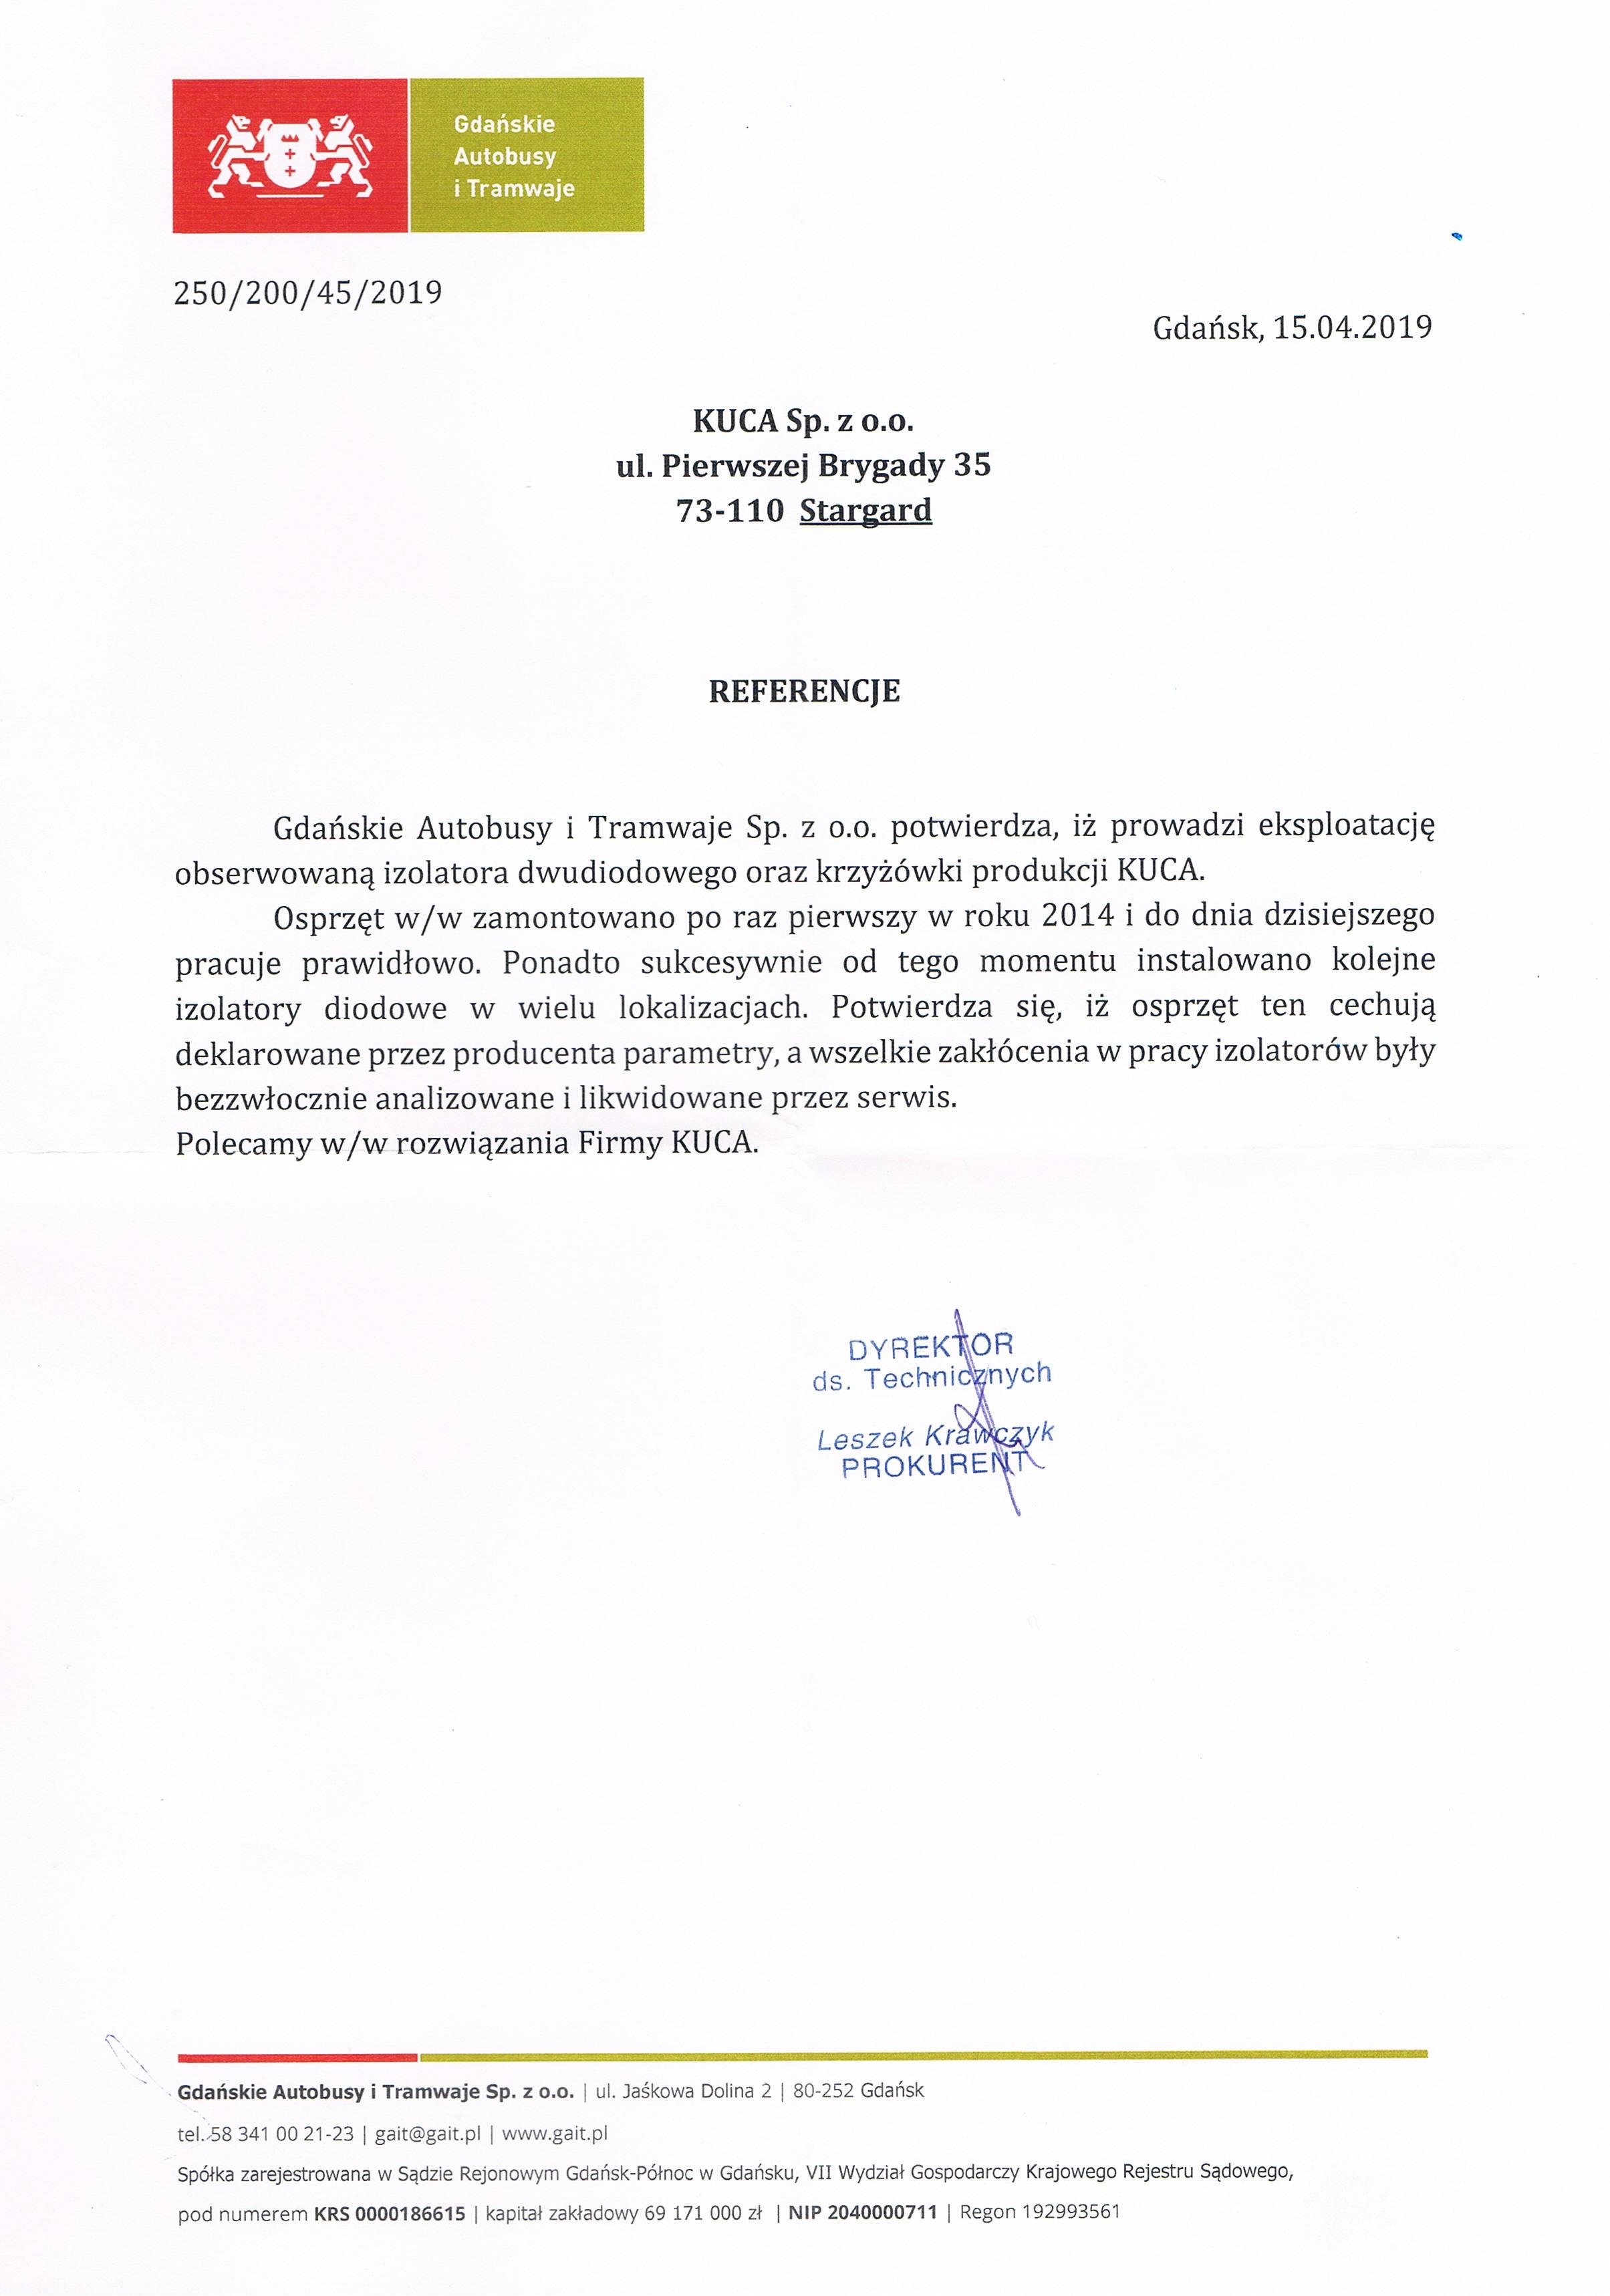 Referencje Gdańskie Autobusy i Tramwaje 15.04.2019